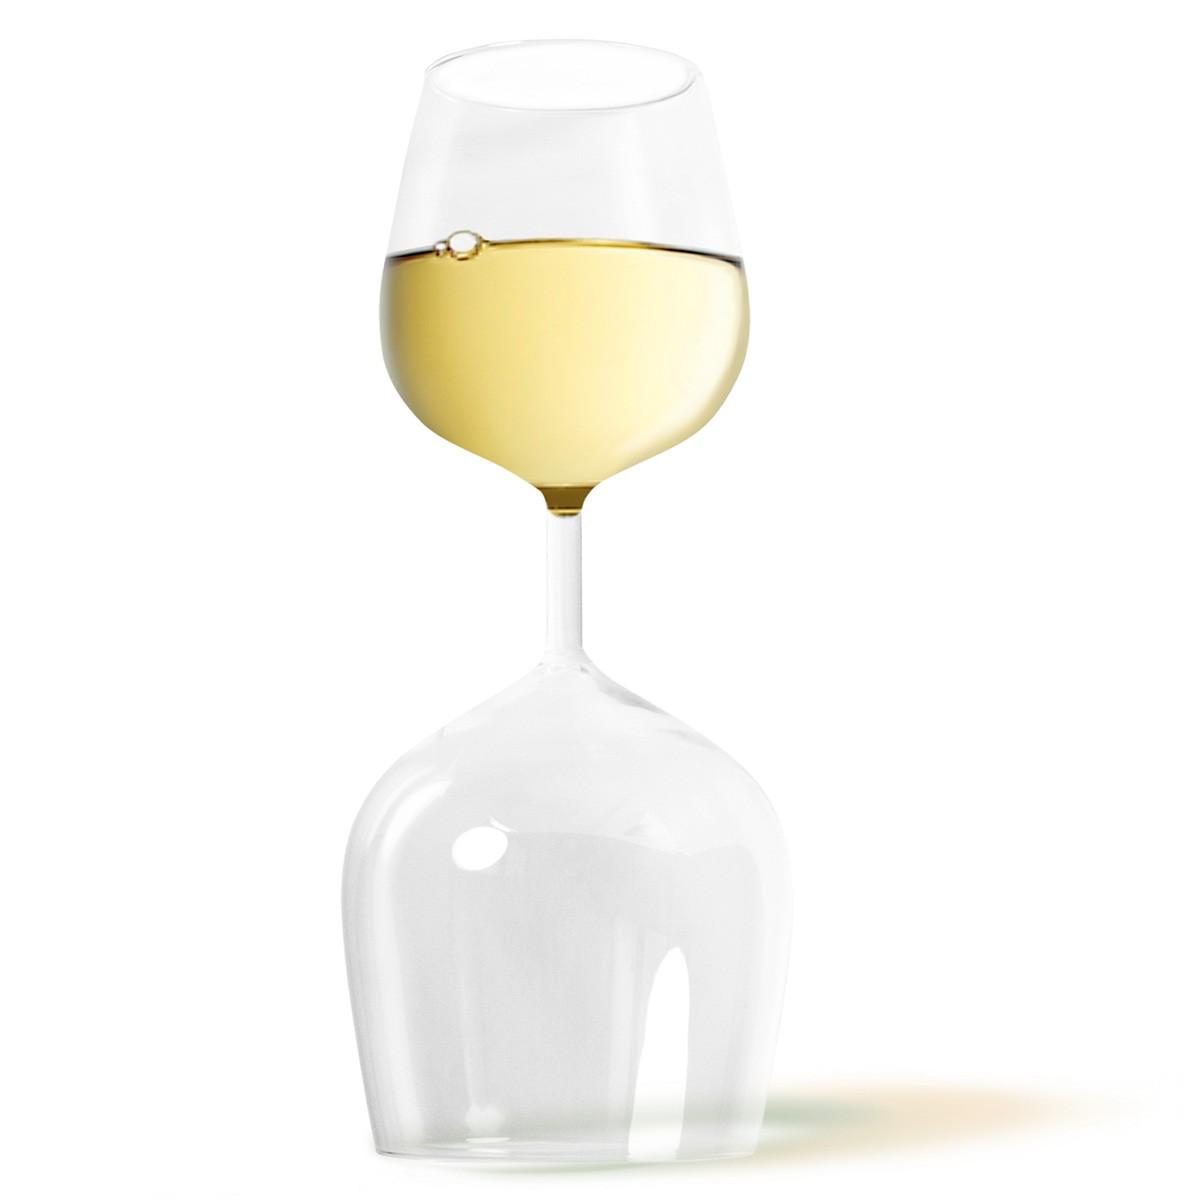 Niezwykły kieliszek do wina 2w1